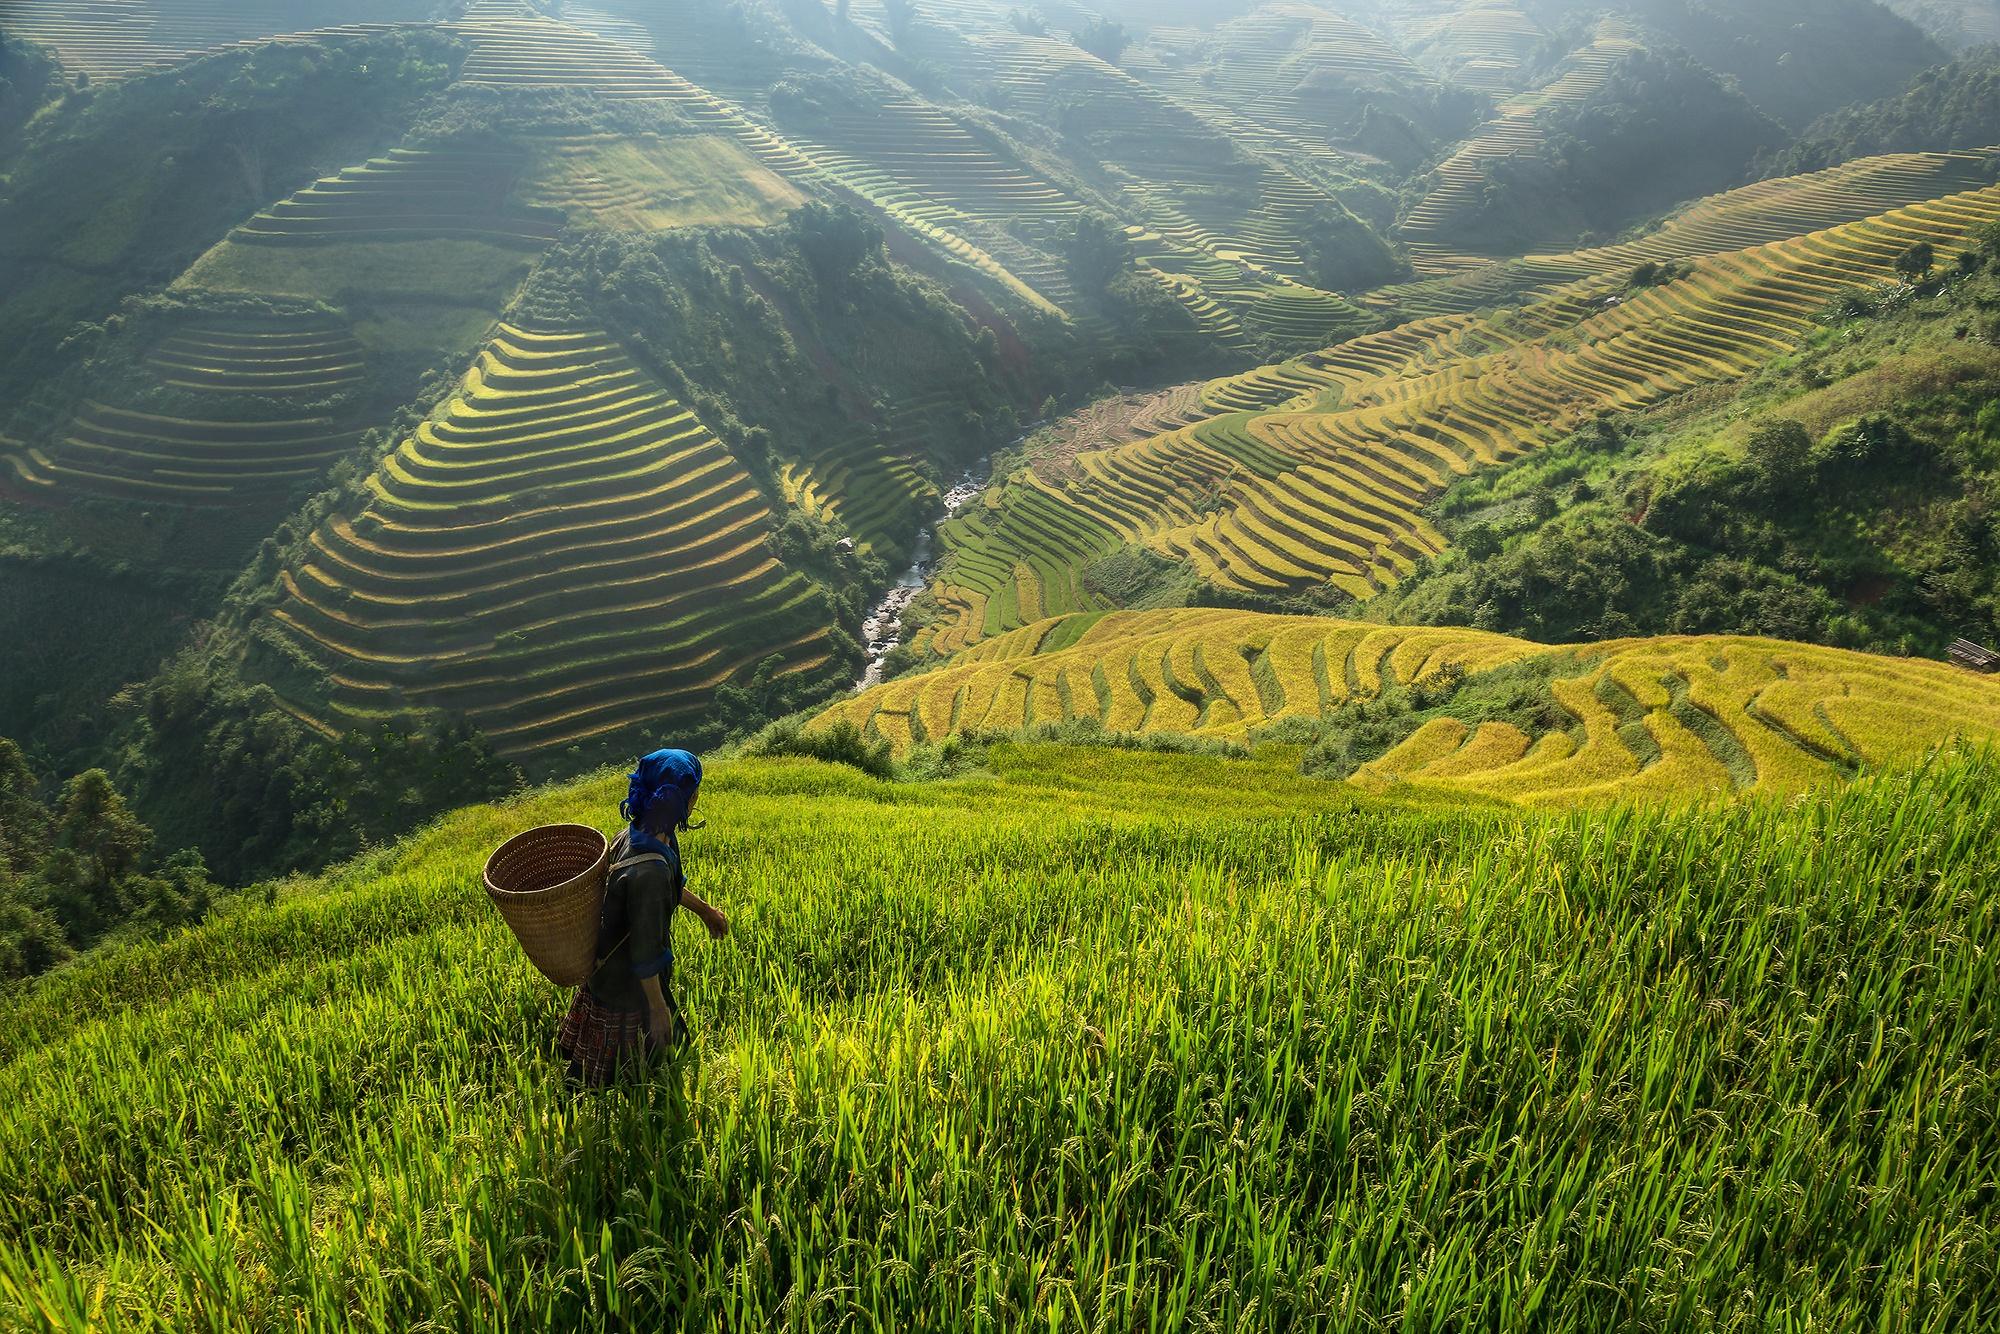 Картинки по запросу Рисовые террасы вьетнам